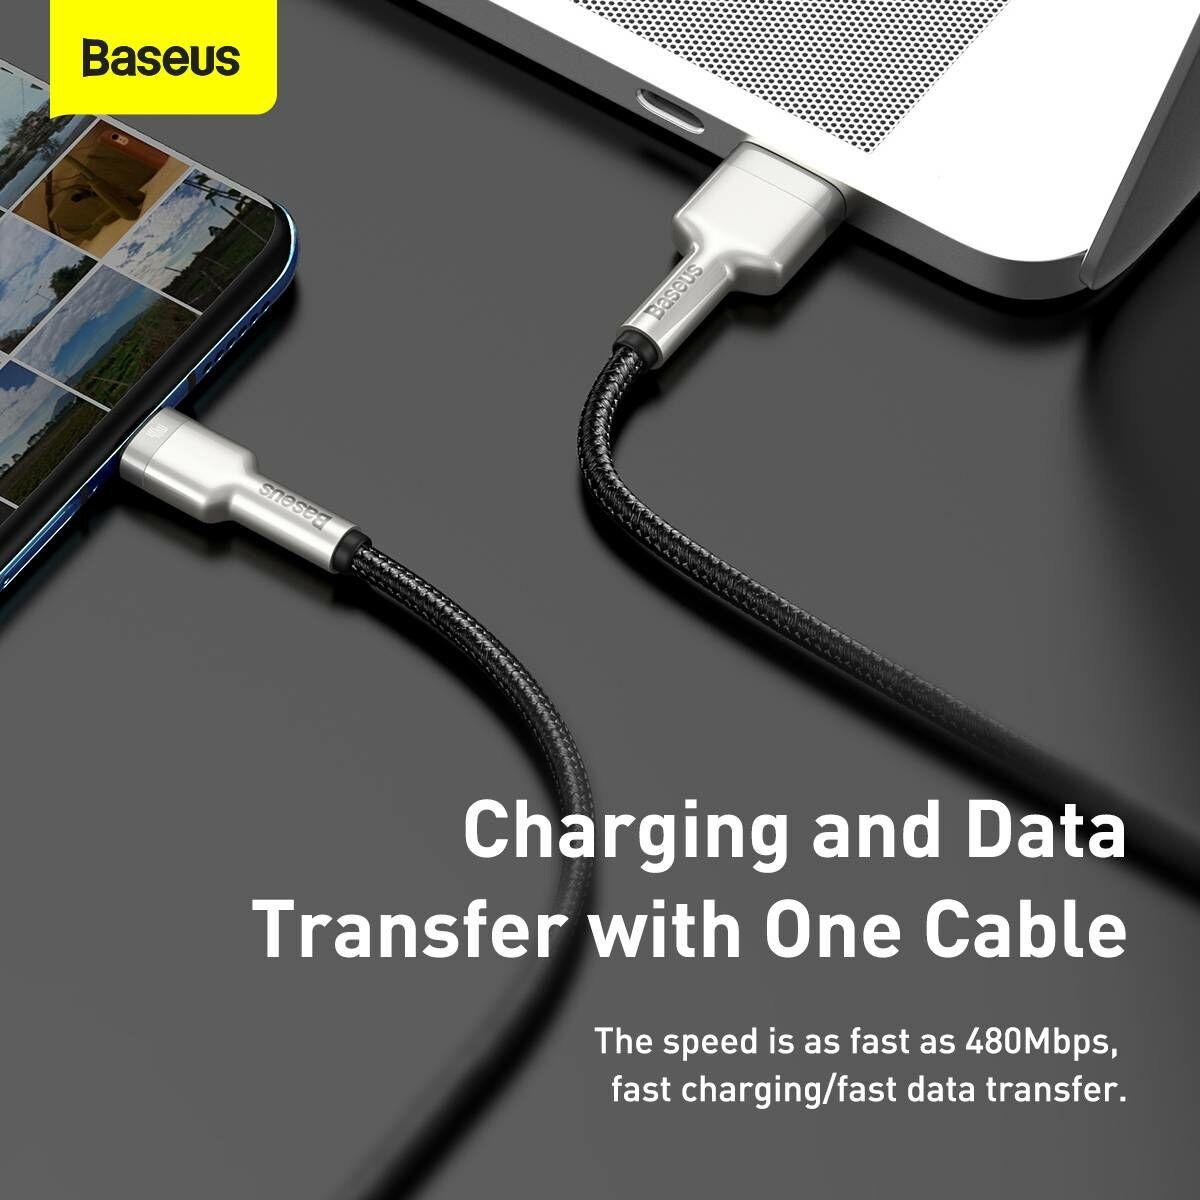 Baseus Type-C kábel, Cafule Series, gyorstötlő és adatkábel, 40W, 5A, 1m, fekete (CATJK-A01)